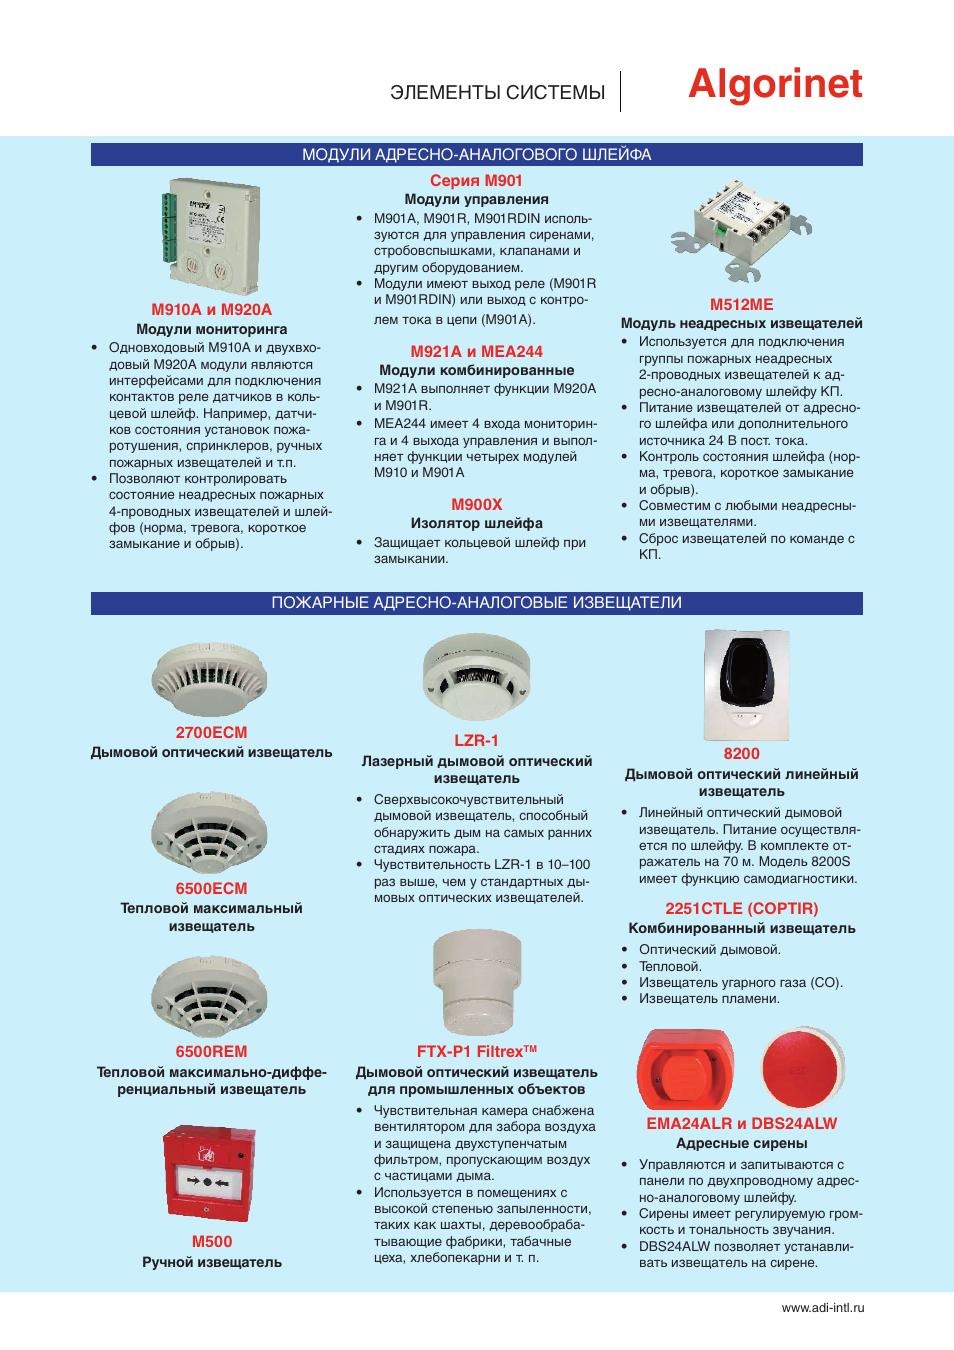 Инструкции по эксплуатации пожарной сигнализации